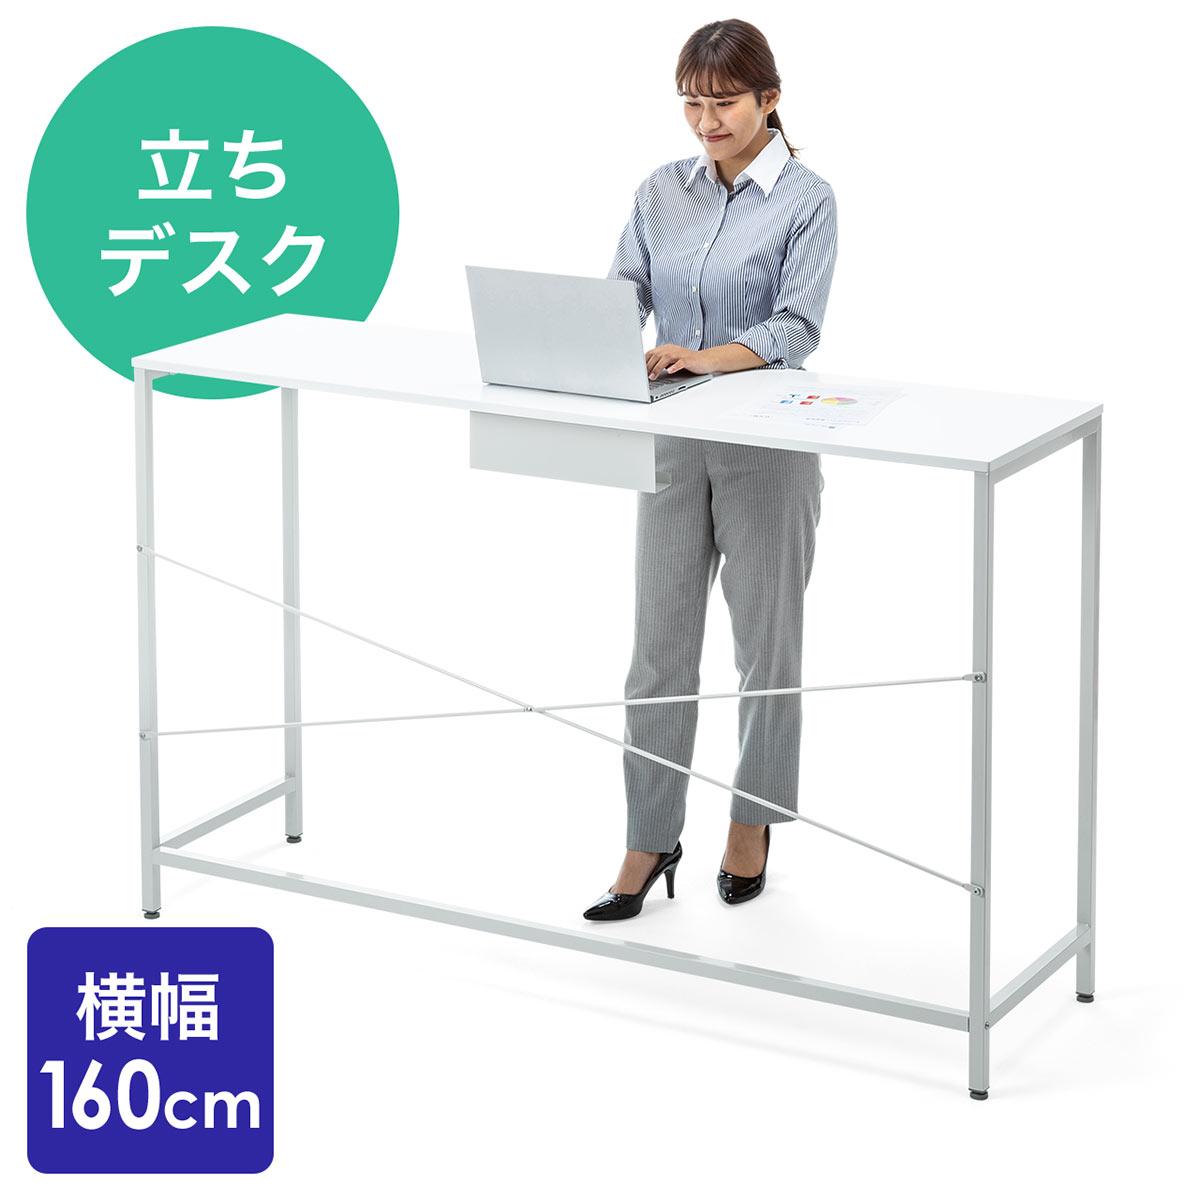 スタンディングテーブル 幅160cm 奥行48cm 高さ100cm ホワイト エルゴノミクス 疲労軽減 立ち作業 パソコンデスク スタンディングデスク ミーティングテーブル オフィスワークテーブル 事務机 立ち会議 160cm幅